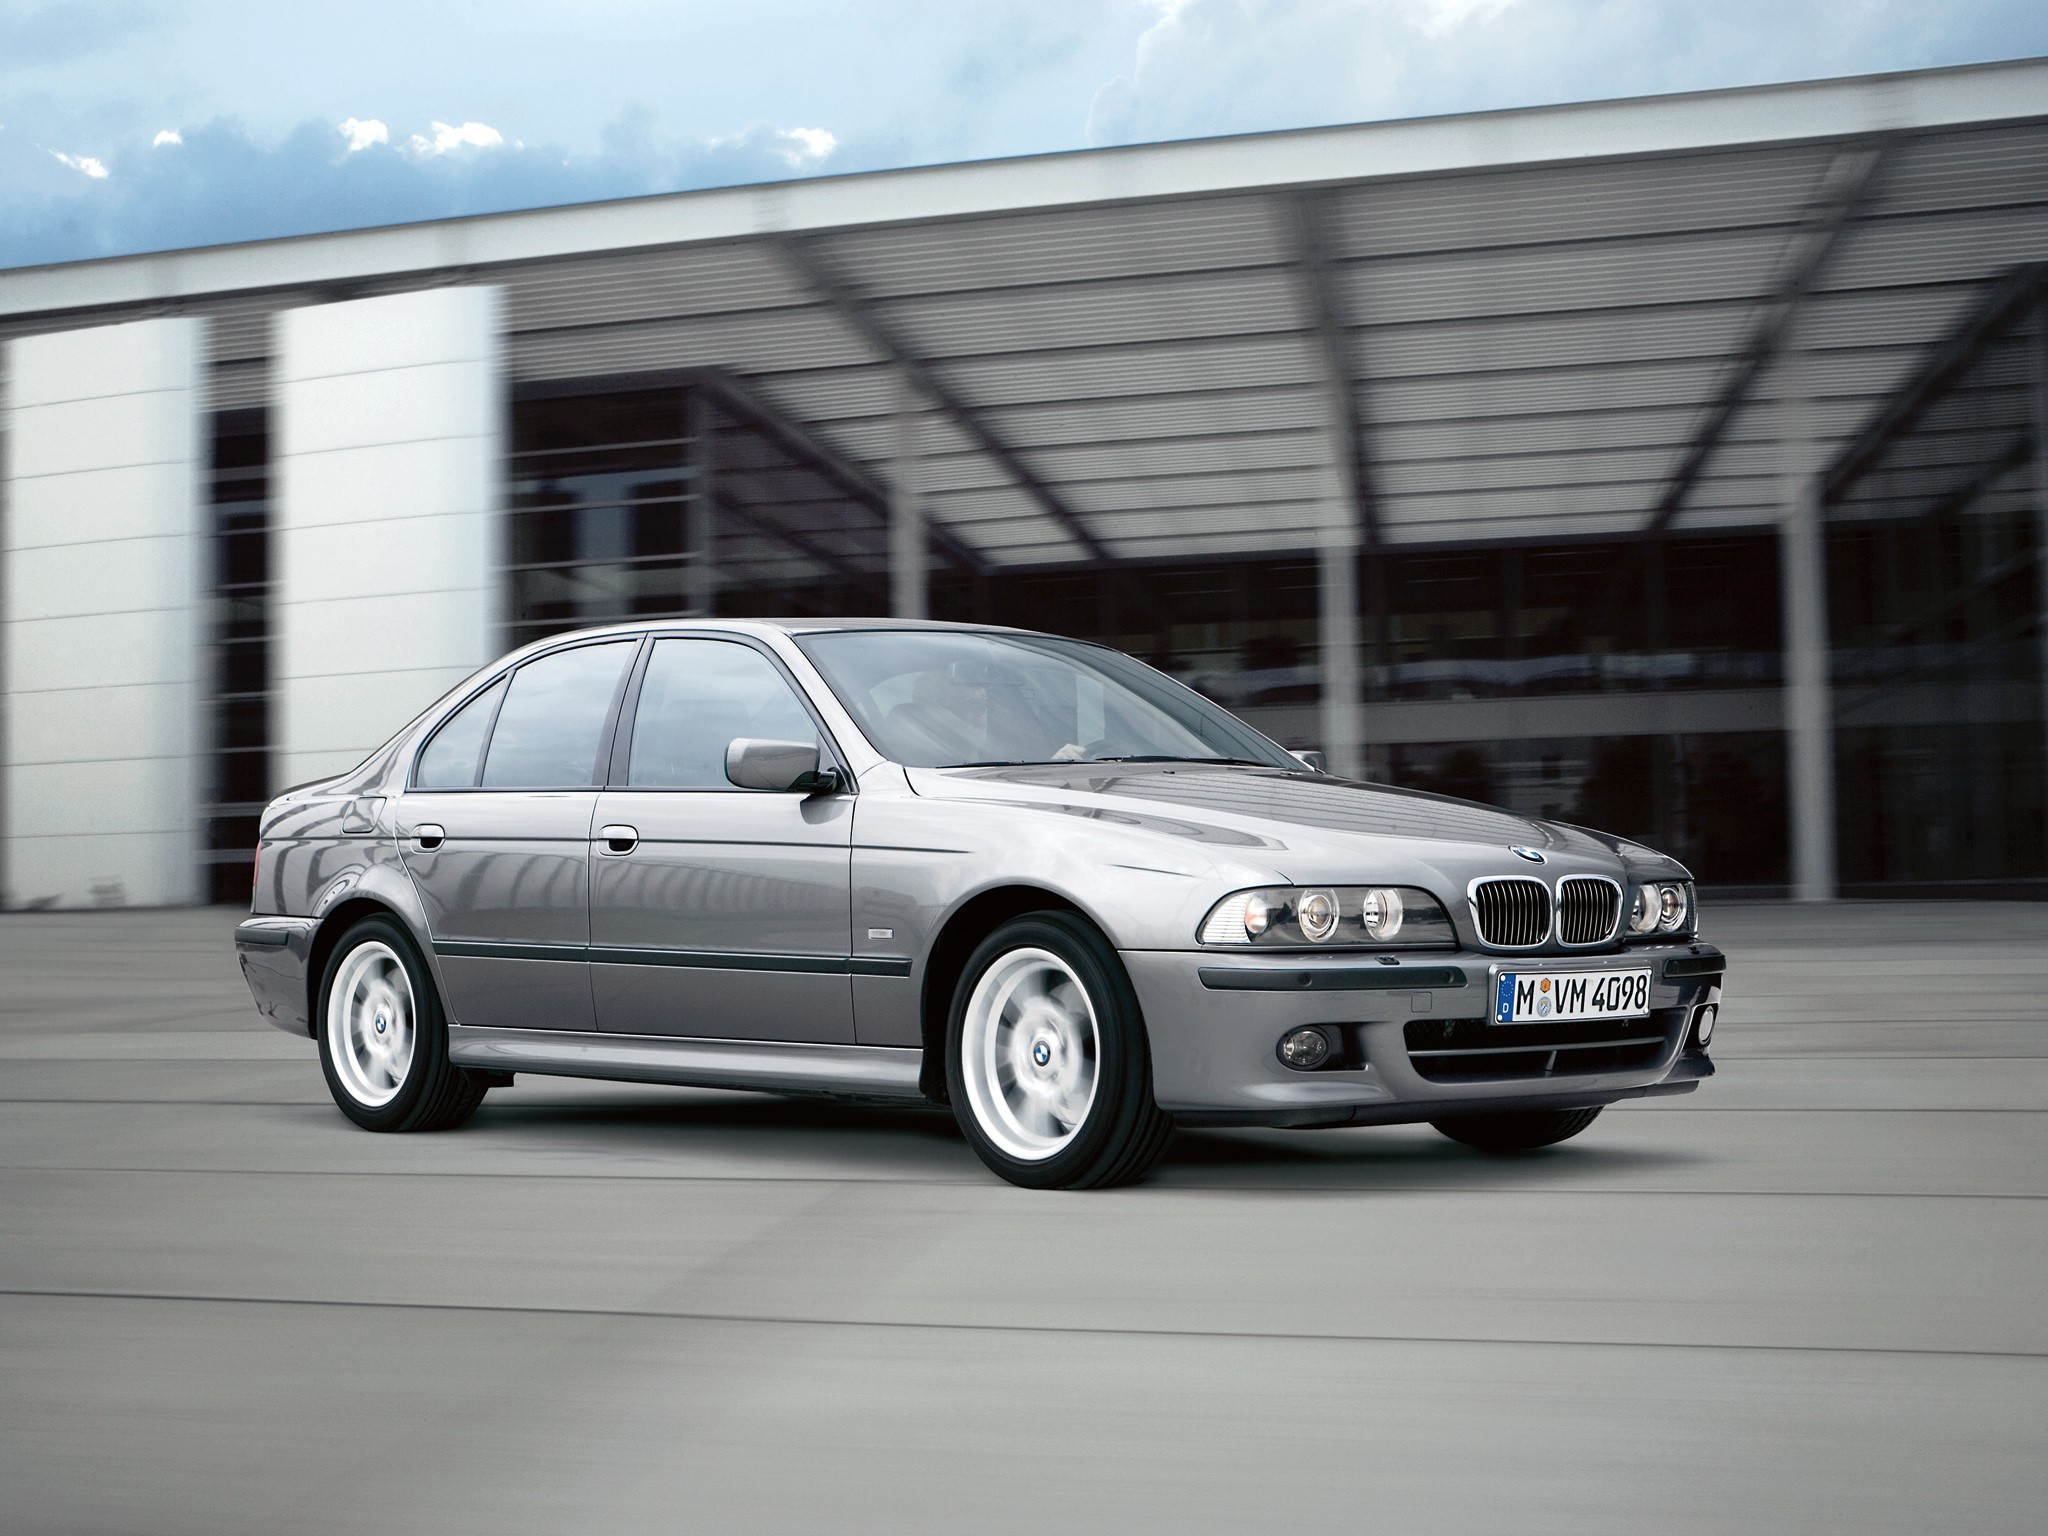 2000 BMW 528i for Sale Nationwide - Autotrader